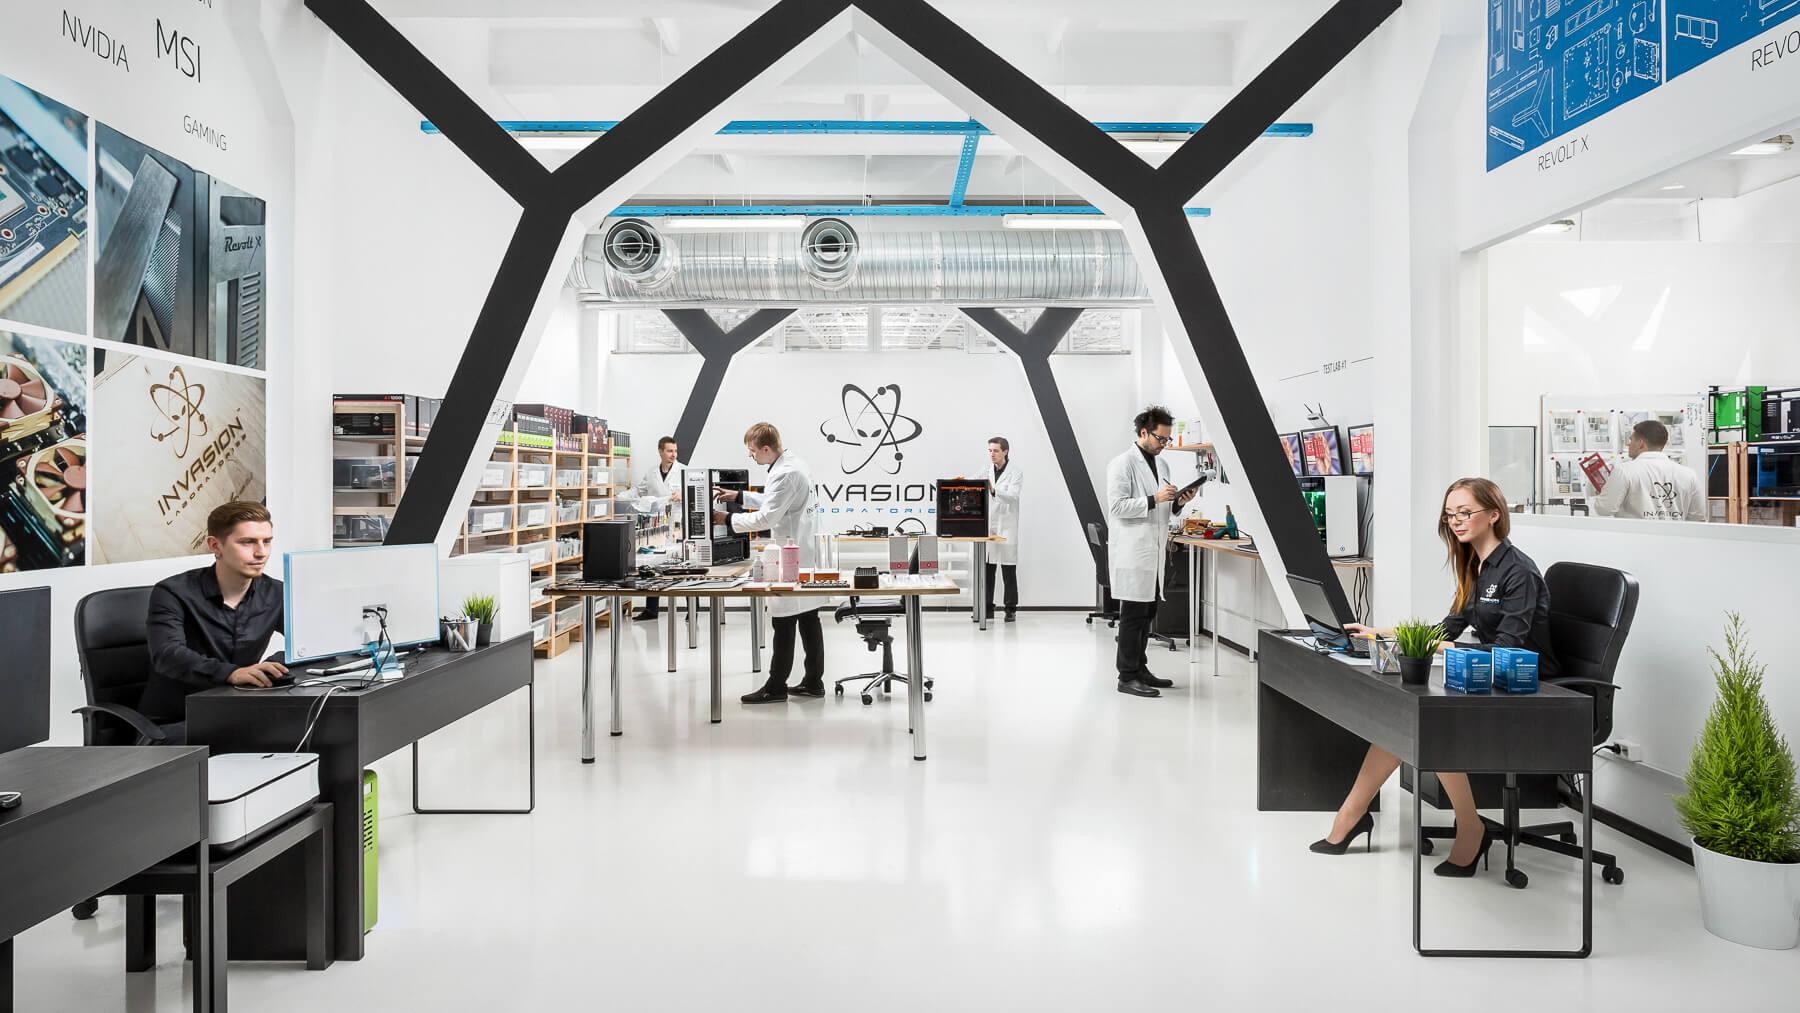 Экскурсия по INVASION Labs: сборочный процесс